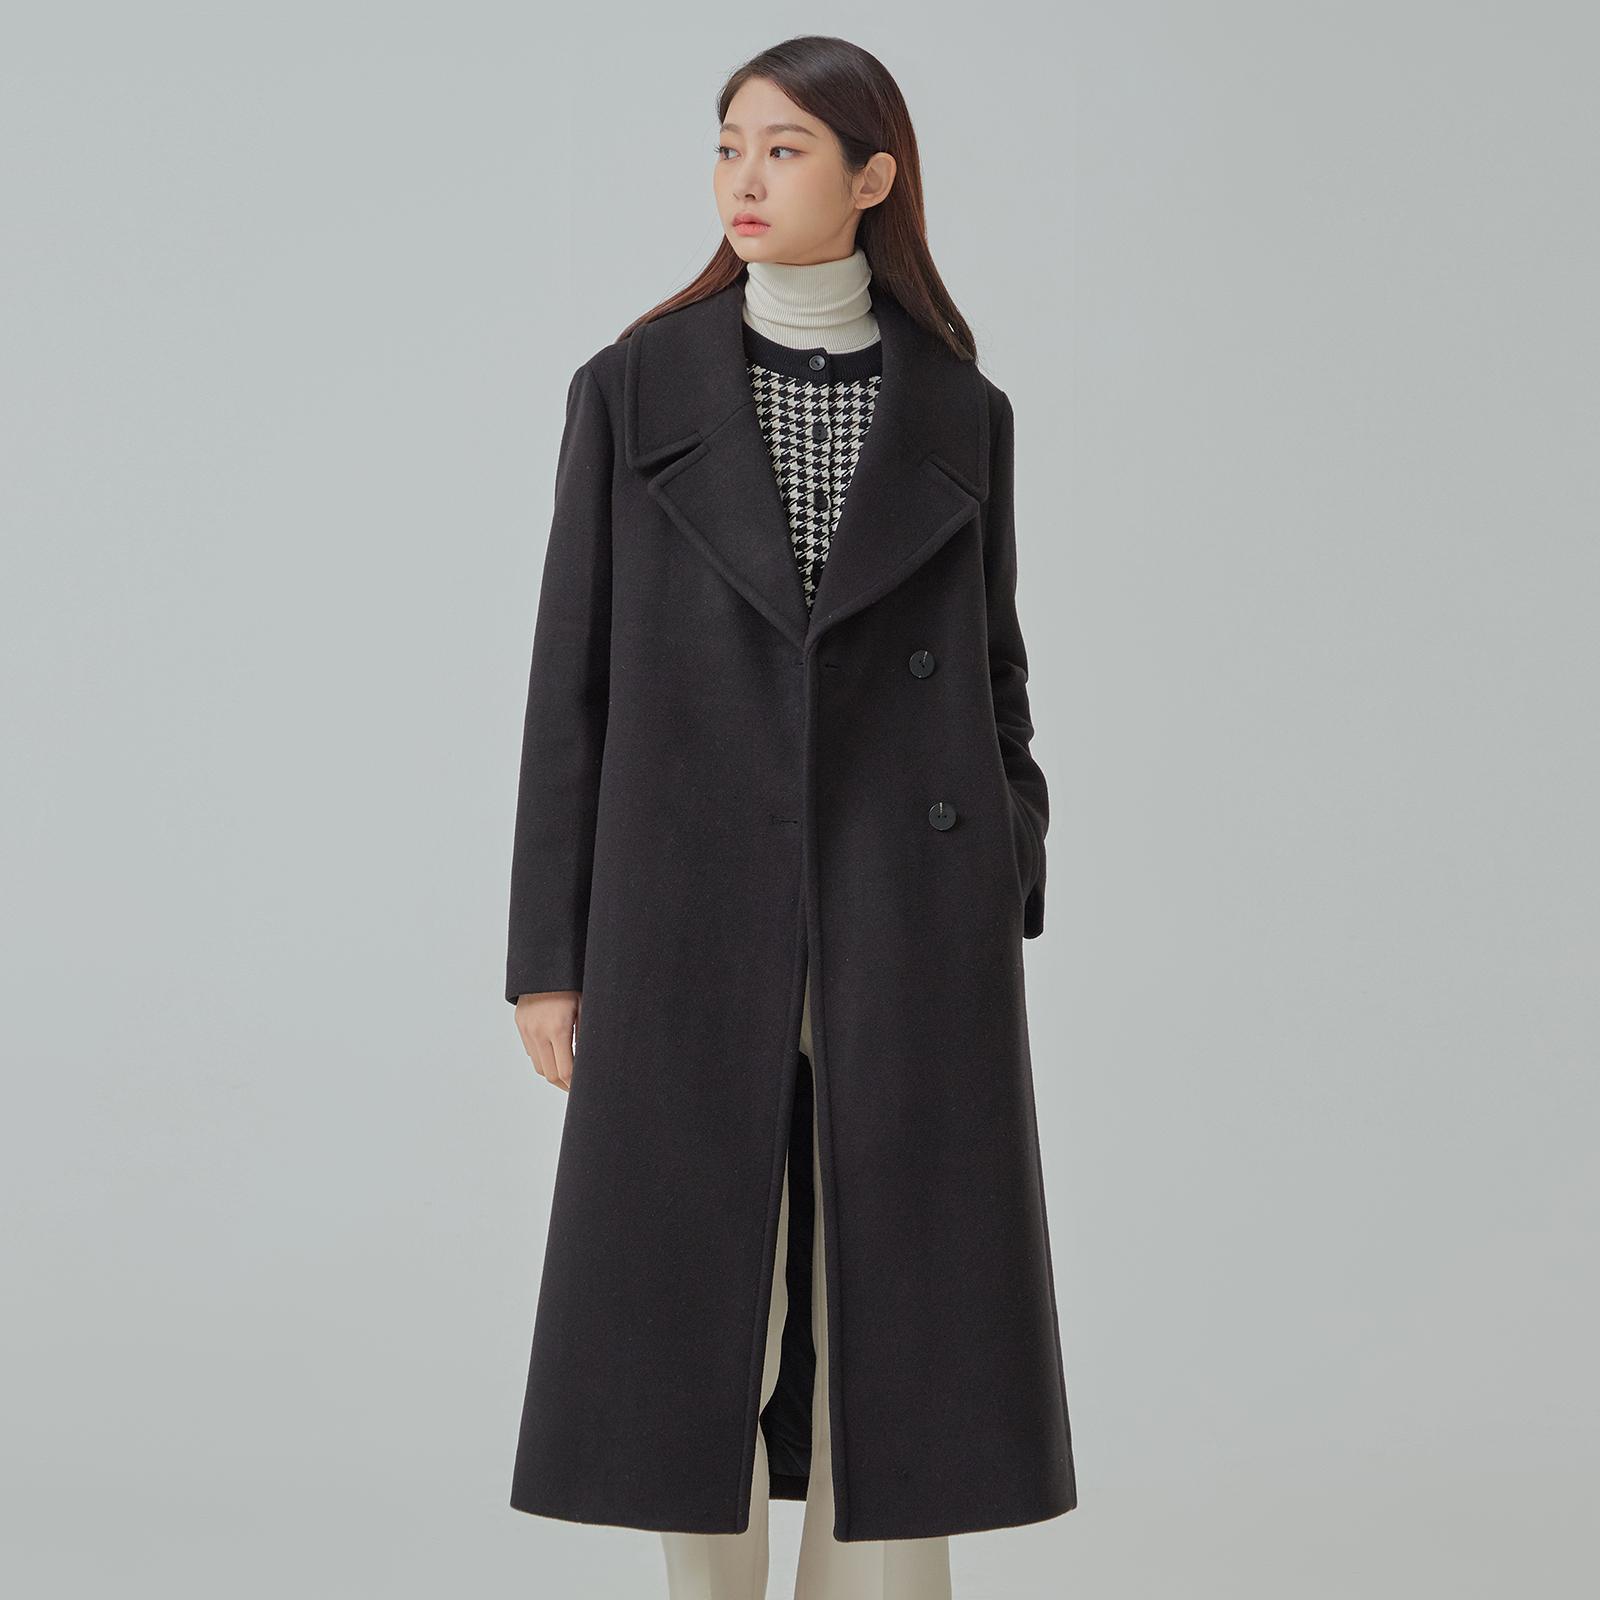 미쏘 여성용 슬림핏 반더블 롱 코트